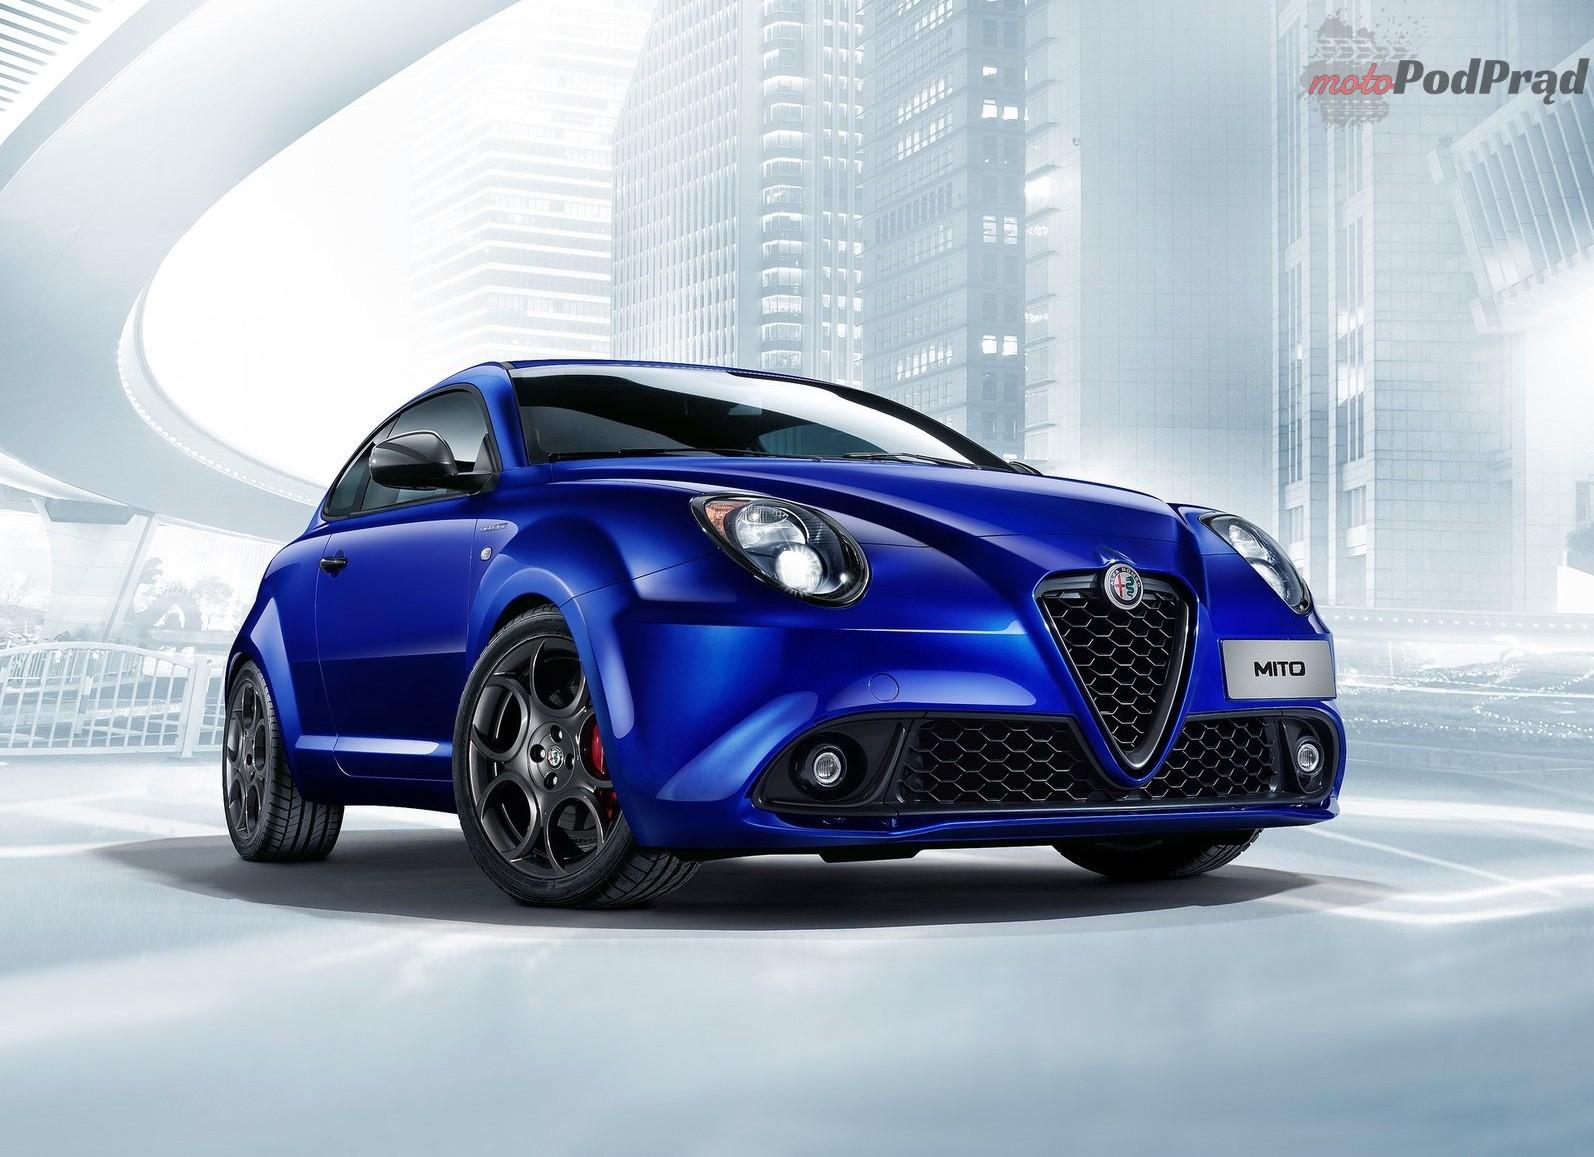 mito Top 10: samochody z najdłuższym rynkowym stażem